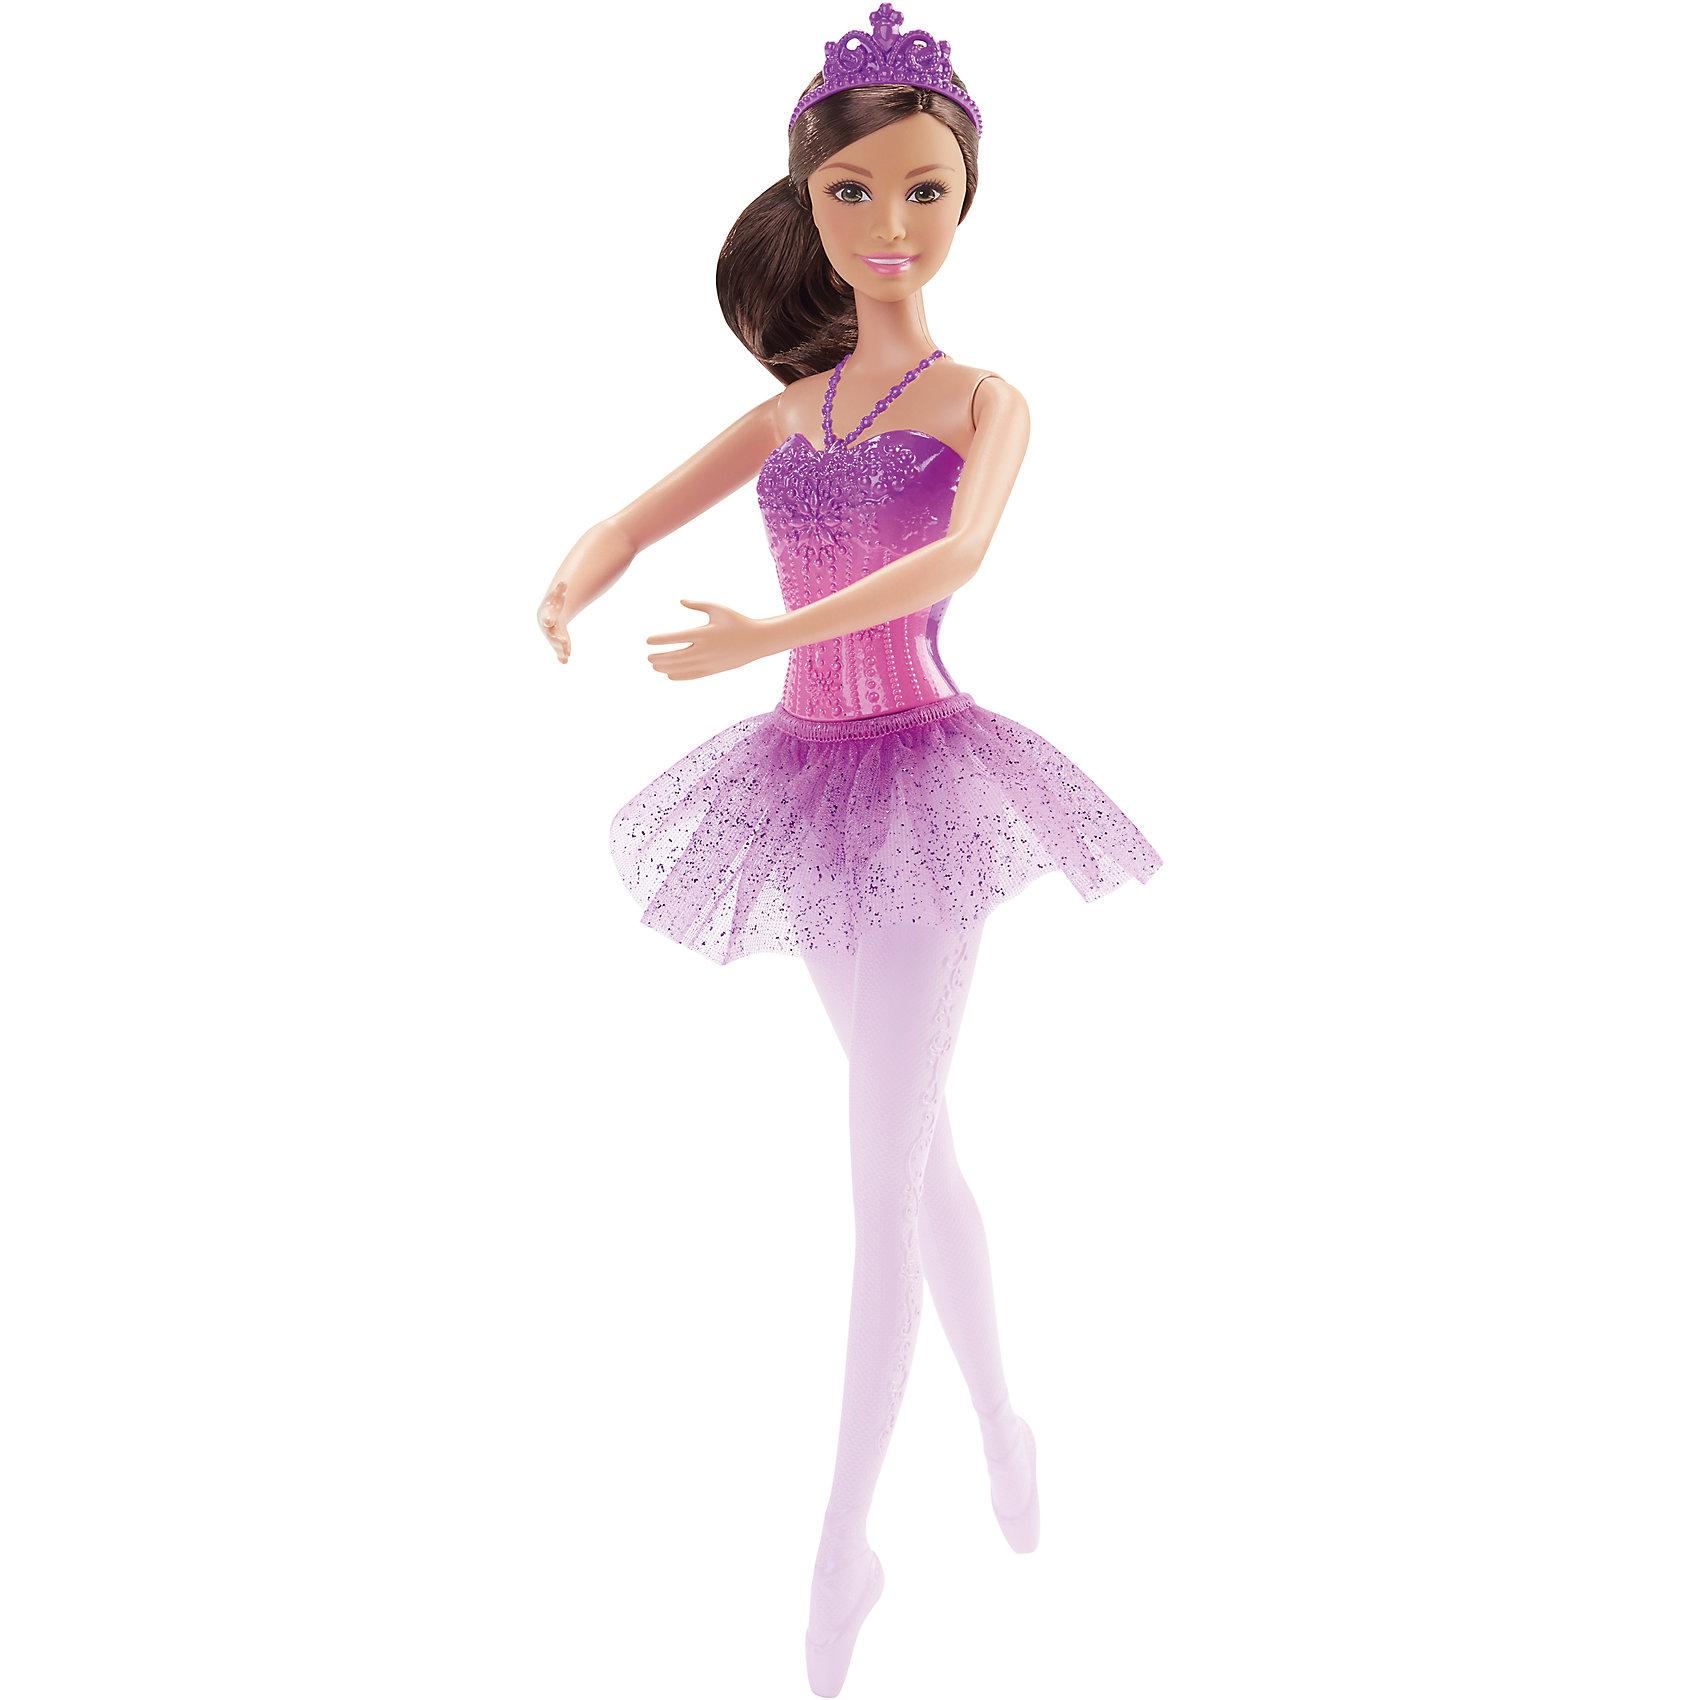 Балерина, BarbieПопулярные игрушки<br>Балерина, Barbie, Mattel (Маттел) ? одна из самых знаменитых и современных на все времена куклу от Маттел ? Барби. На этот раз предстает в образе изящной балерины. Выполненная из безопасного высококачественного пластика, с подвижными частями тела ? руками, ногами, головой.<br>Балерина, Barbie, Mattel (Маттел) ? кареглазая брюнетка, одета в  кружевной корсет и воздушную пачку, на ногах прозрачные  и белые пуанты. Прическа у Бабри, характерная для балерин, ? волосы собраны в пышный пучок, на голове ? фиолетовая диадема. Кукла может принимать классические балетные позиции. <br>Балерина, Barbie, Mattel (Маттел) ? один из способов познакомить вашу девочку с миром классического балета. Балерина Бабри способствует сформированию чувства прекрасного, учит изяществу и грациозности.<br><br>Дополнительная информация:<br><br>- Вид игр: сюжетно-ролевые <br>- Предназначение: для дома<br>- Материал: пластик, текстиль<br>- Цвет: оттенки фиолетового, розовый<br>- Размер (Д*Ш*В): 5*9*32,5 см<br>- Вес: 198 г <br>- Особенности ухода: куклу можно мыть в теплой мыльной воде<br><br>Подробнее:<br><br>• Для детей в возрасте: от 3 лет и до 8 лет<br>• Страна производитель: Индонезия<br>• Торговый бренд: Mattel<br><br>Балерину, Barbie, Mattel (Маттел) можно купить в нашем интернет-магазине.<br><br>Ширина мм: 50<br>Глубина мм: 90<br>Высота мм: 325<br>Вес г: 198<br>Возраст от месяцев: 36<br>Возраст до месяцев: 96<br>Пол: Женский<br>Возраст: Детский<br>SKU: 4770038